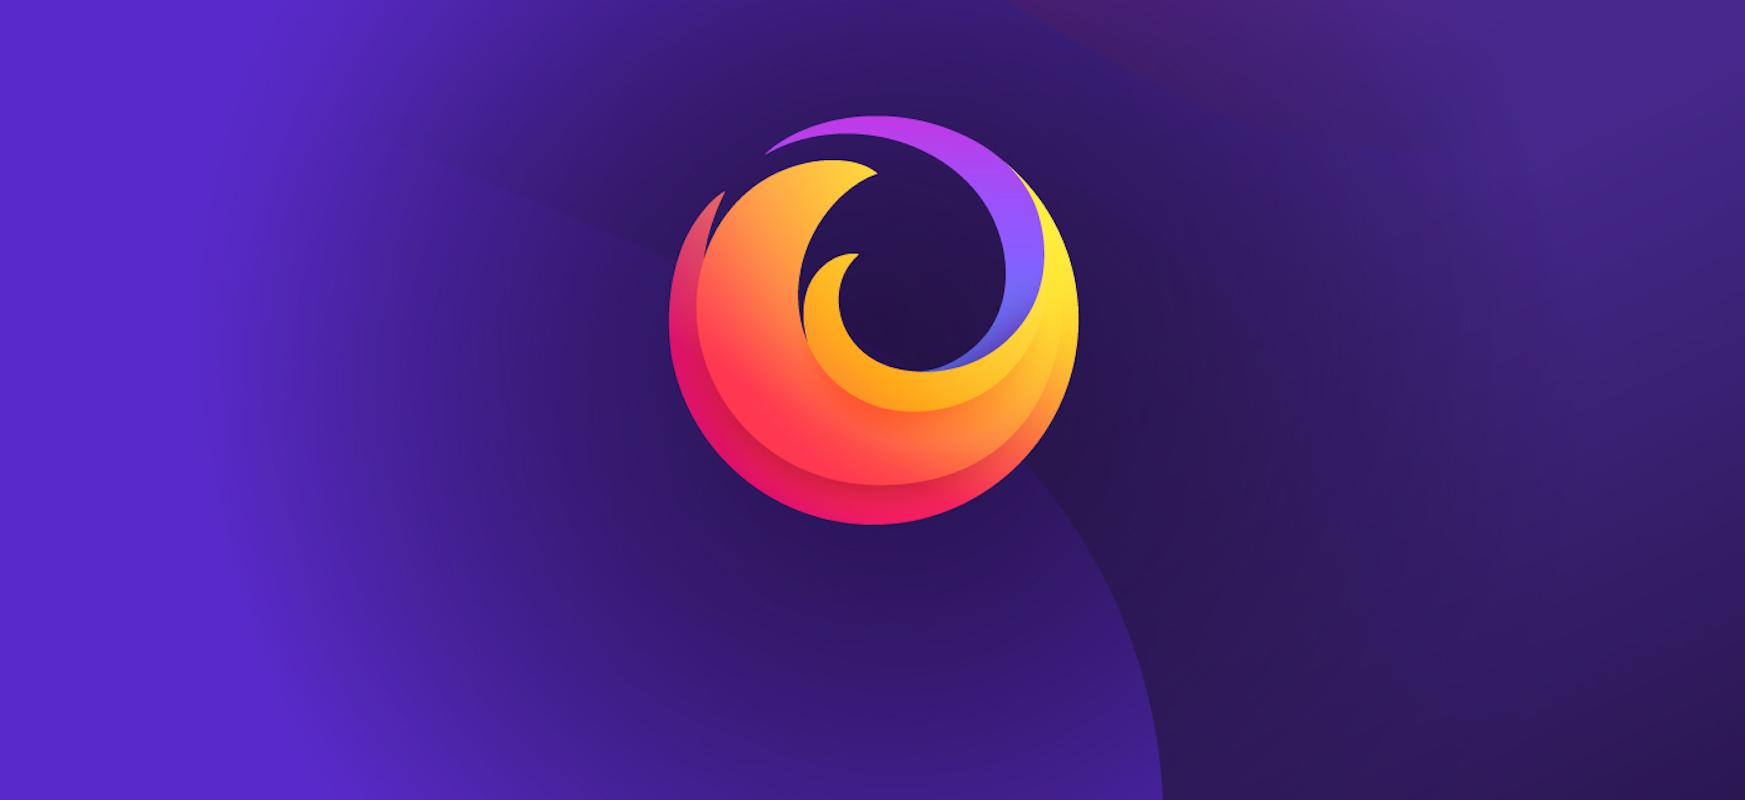 Firefox berriak gure pasahitza filtratu dela ohartaraziko dizu eta erabilitako guneak zerrendatuko ditu